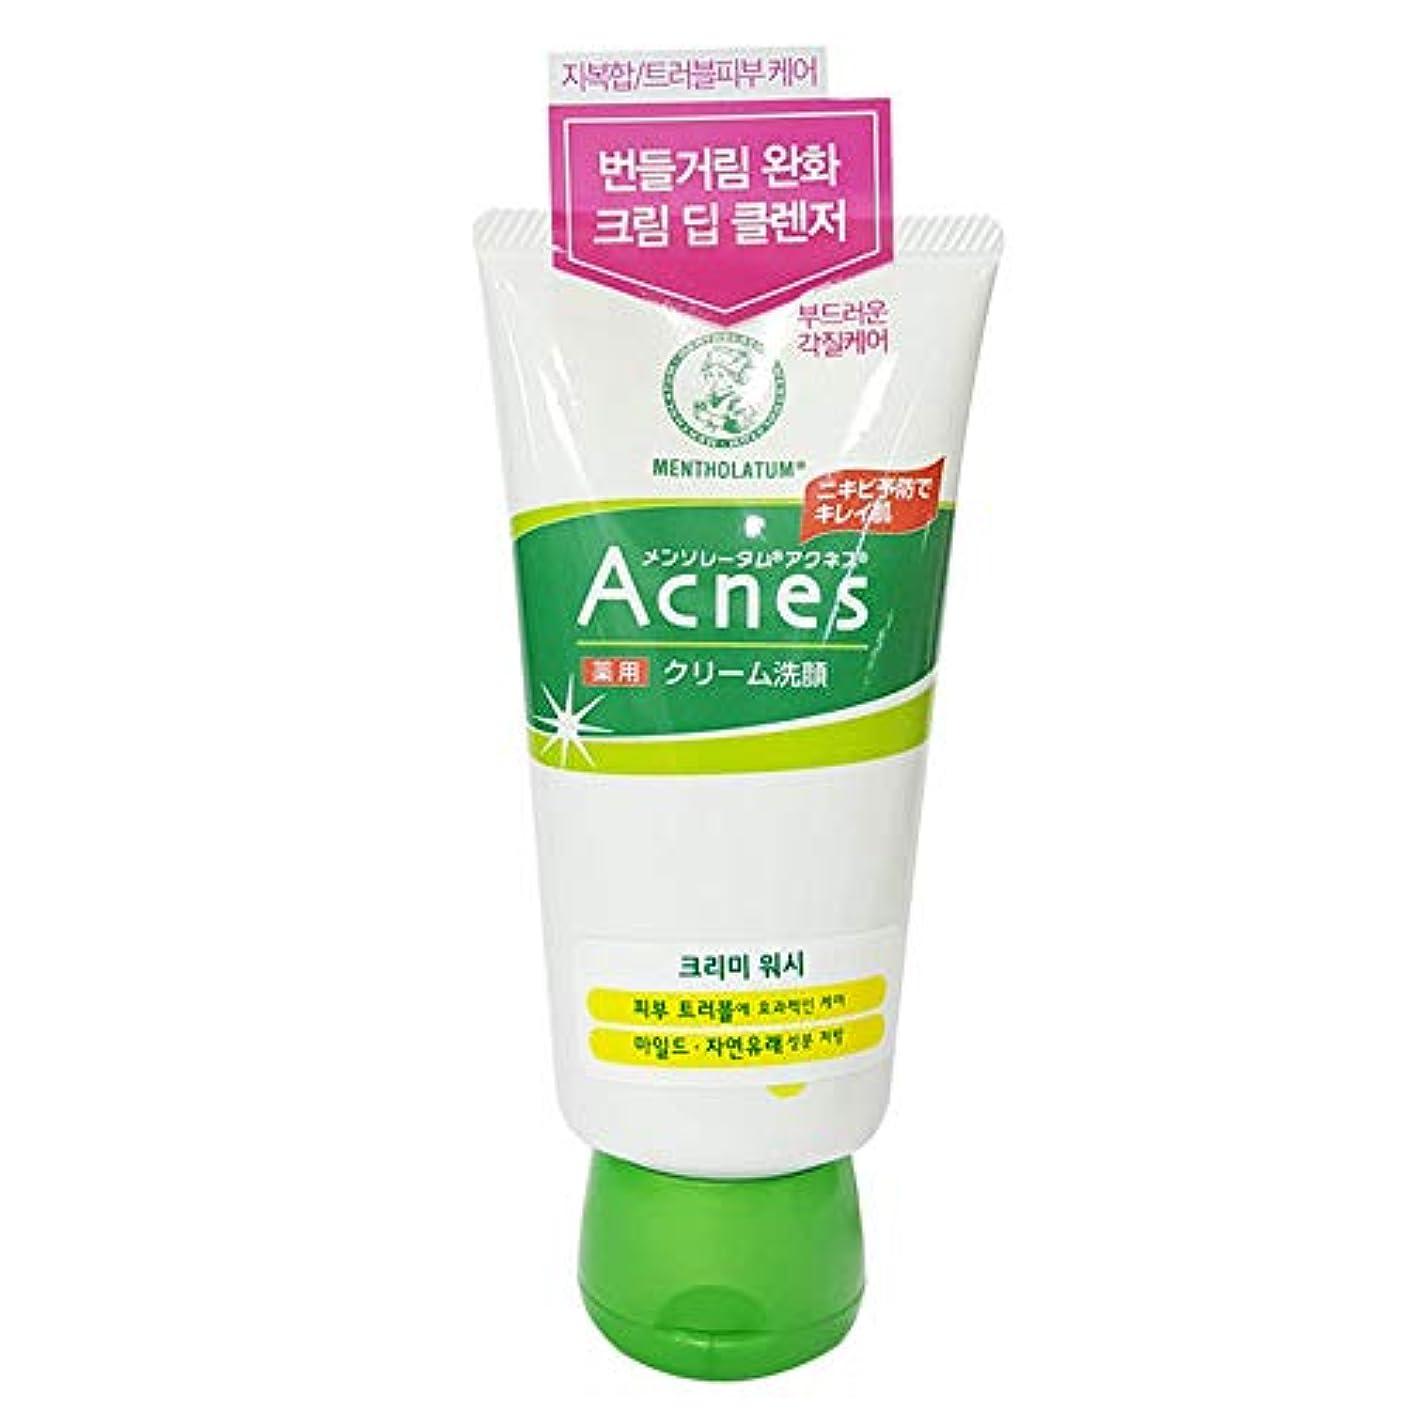 自体未来略奪[Acnes] アクネス クリーミー ウォッシュ Creamy Wash メイク落とし - Acne Break Face Cleanser, Balance Oil Control Foaming Cleansing...